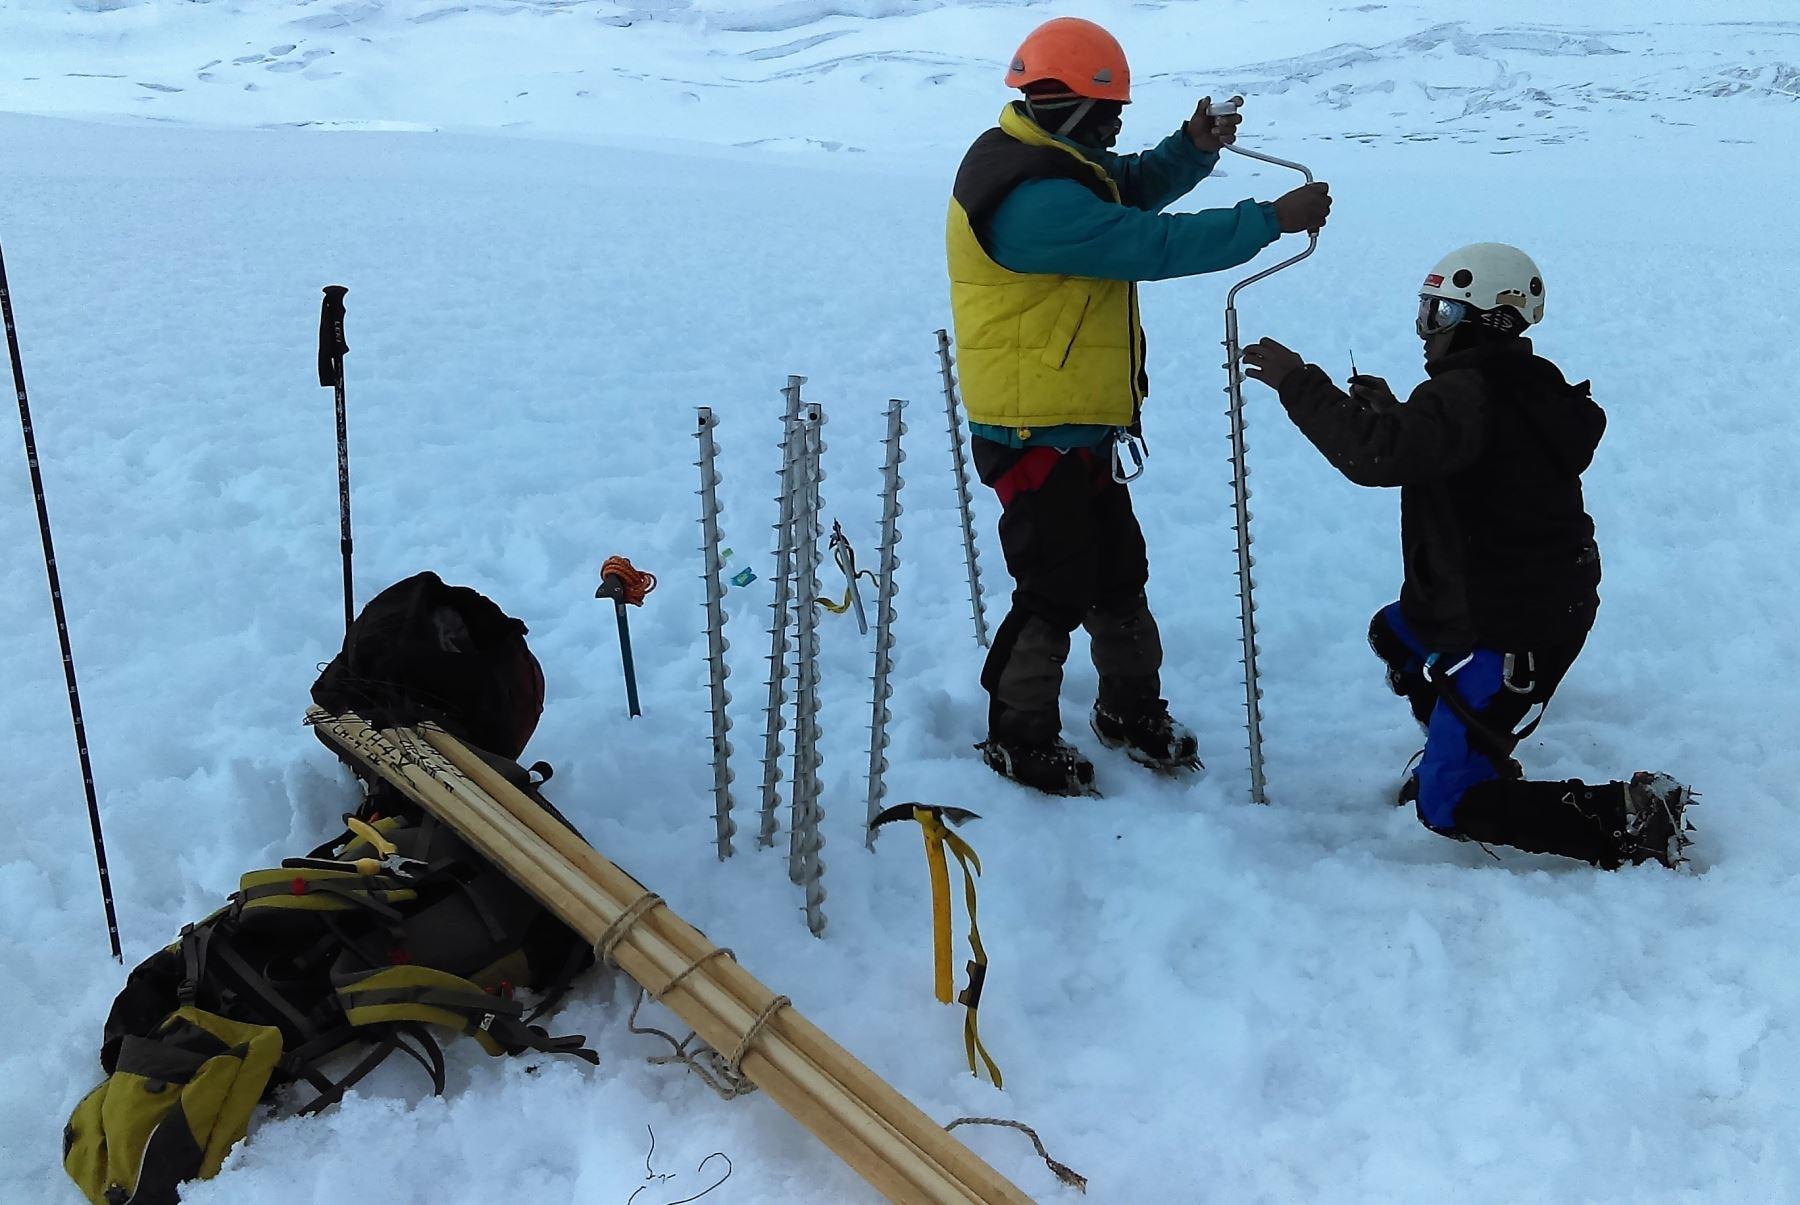 Destacan interés por investigación de glaciares y ecosistemas en el sur del Perú. ANDINA/Difusión